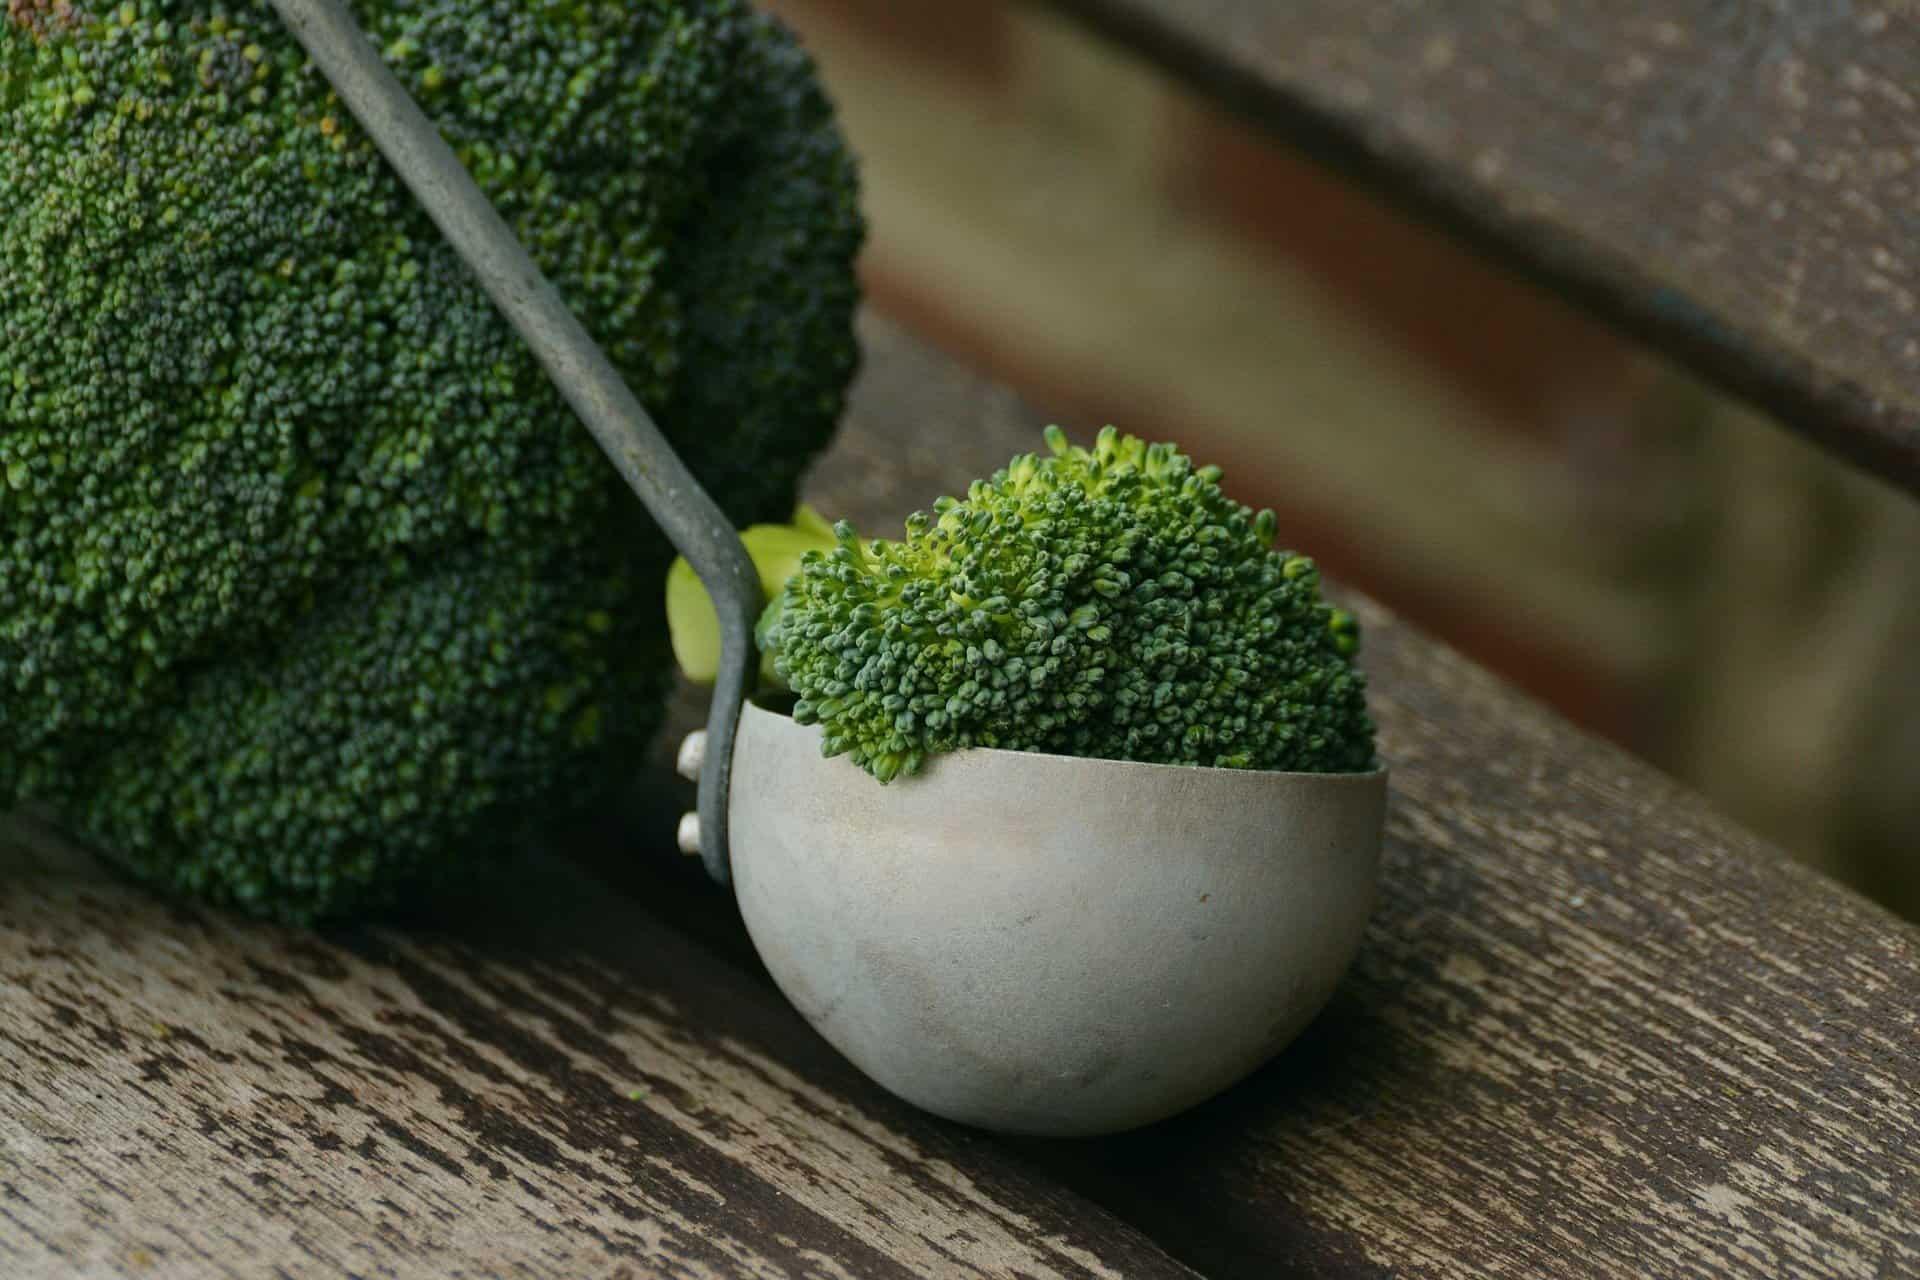 Fotografia de um brócolis para ilustração do item